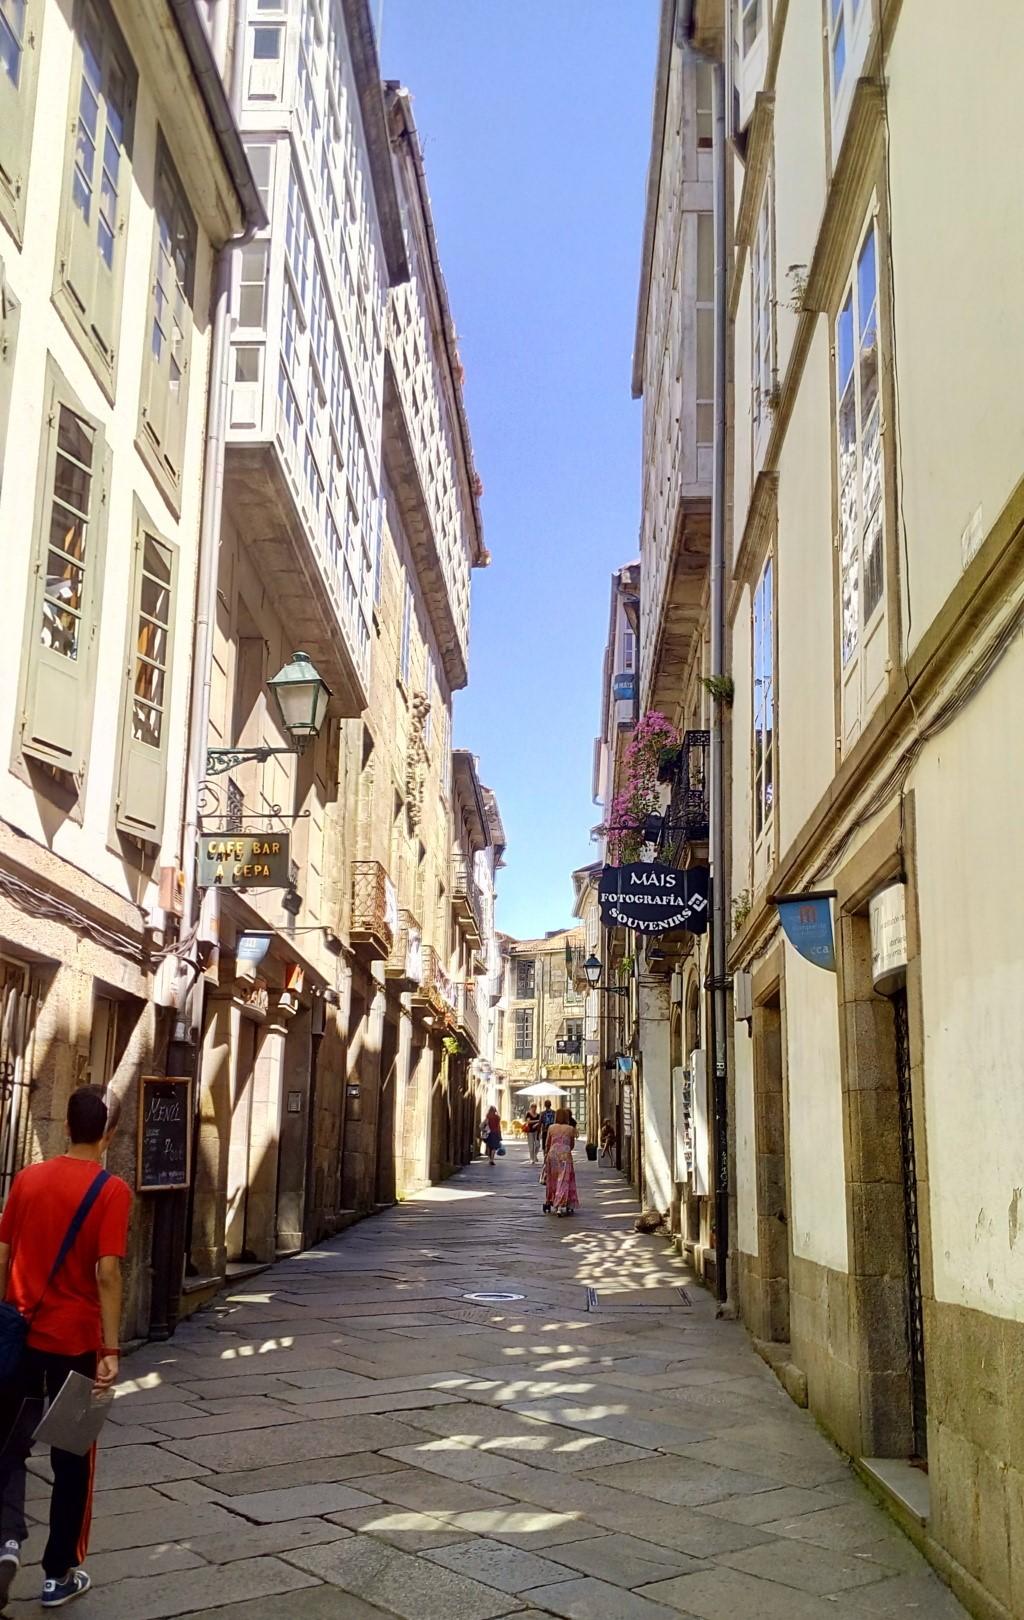 Foto 2 - Siguiendo la rúa